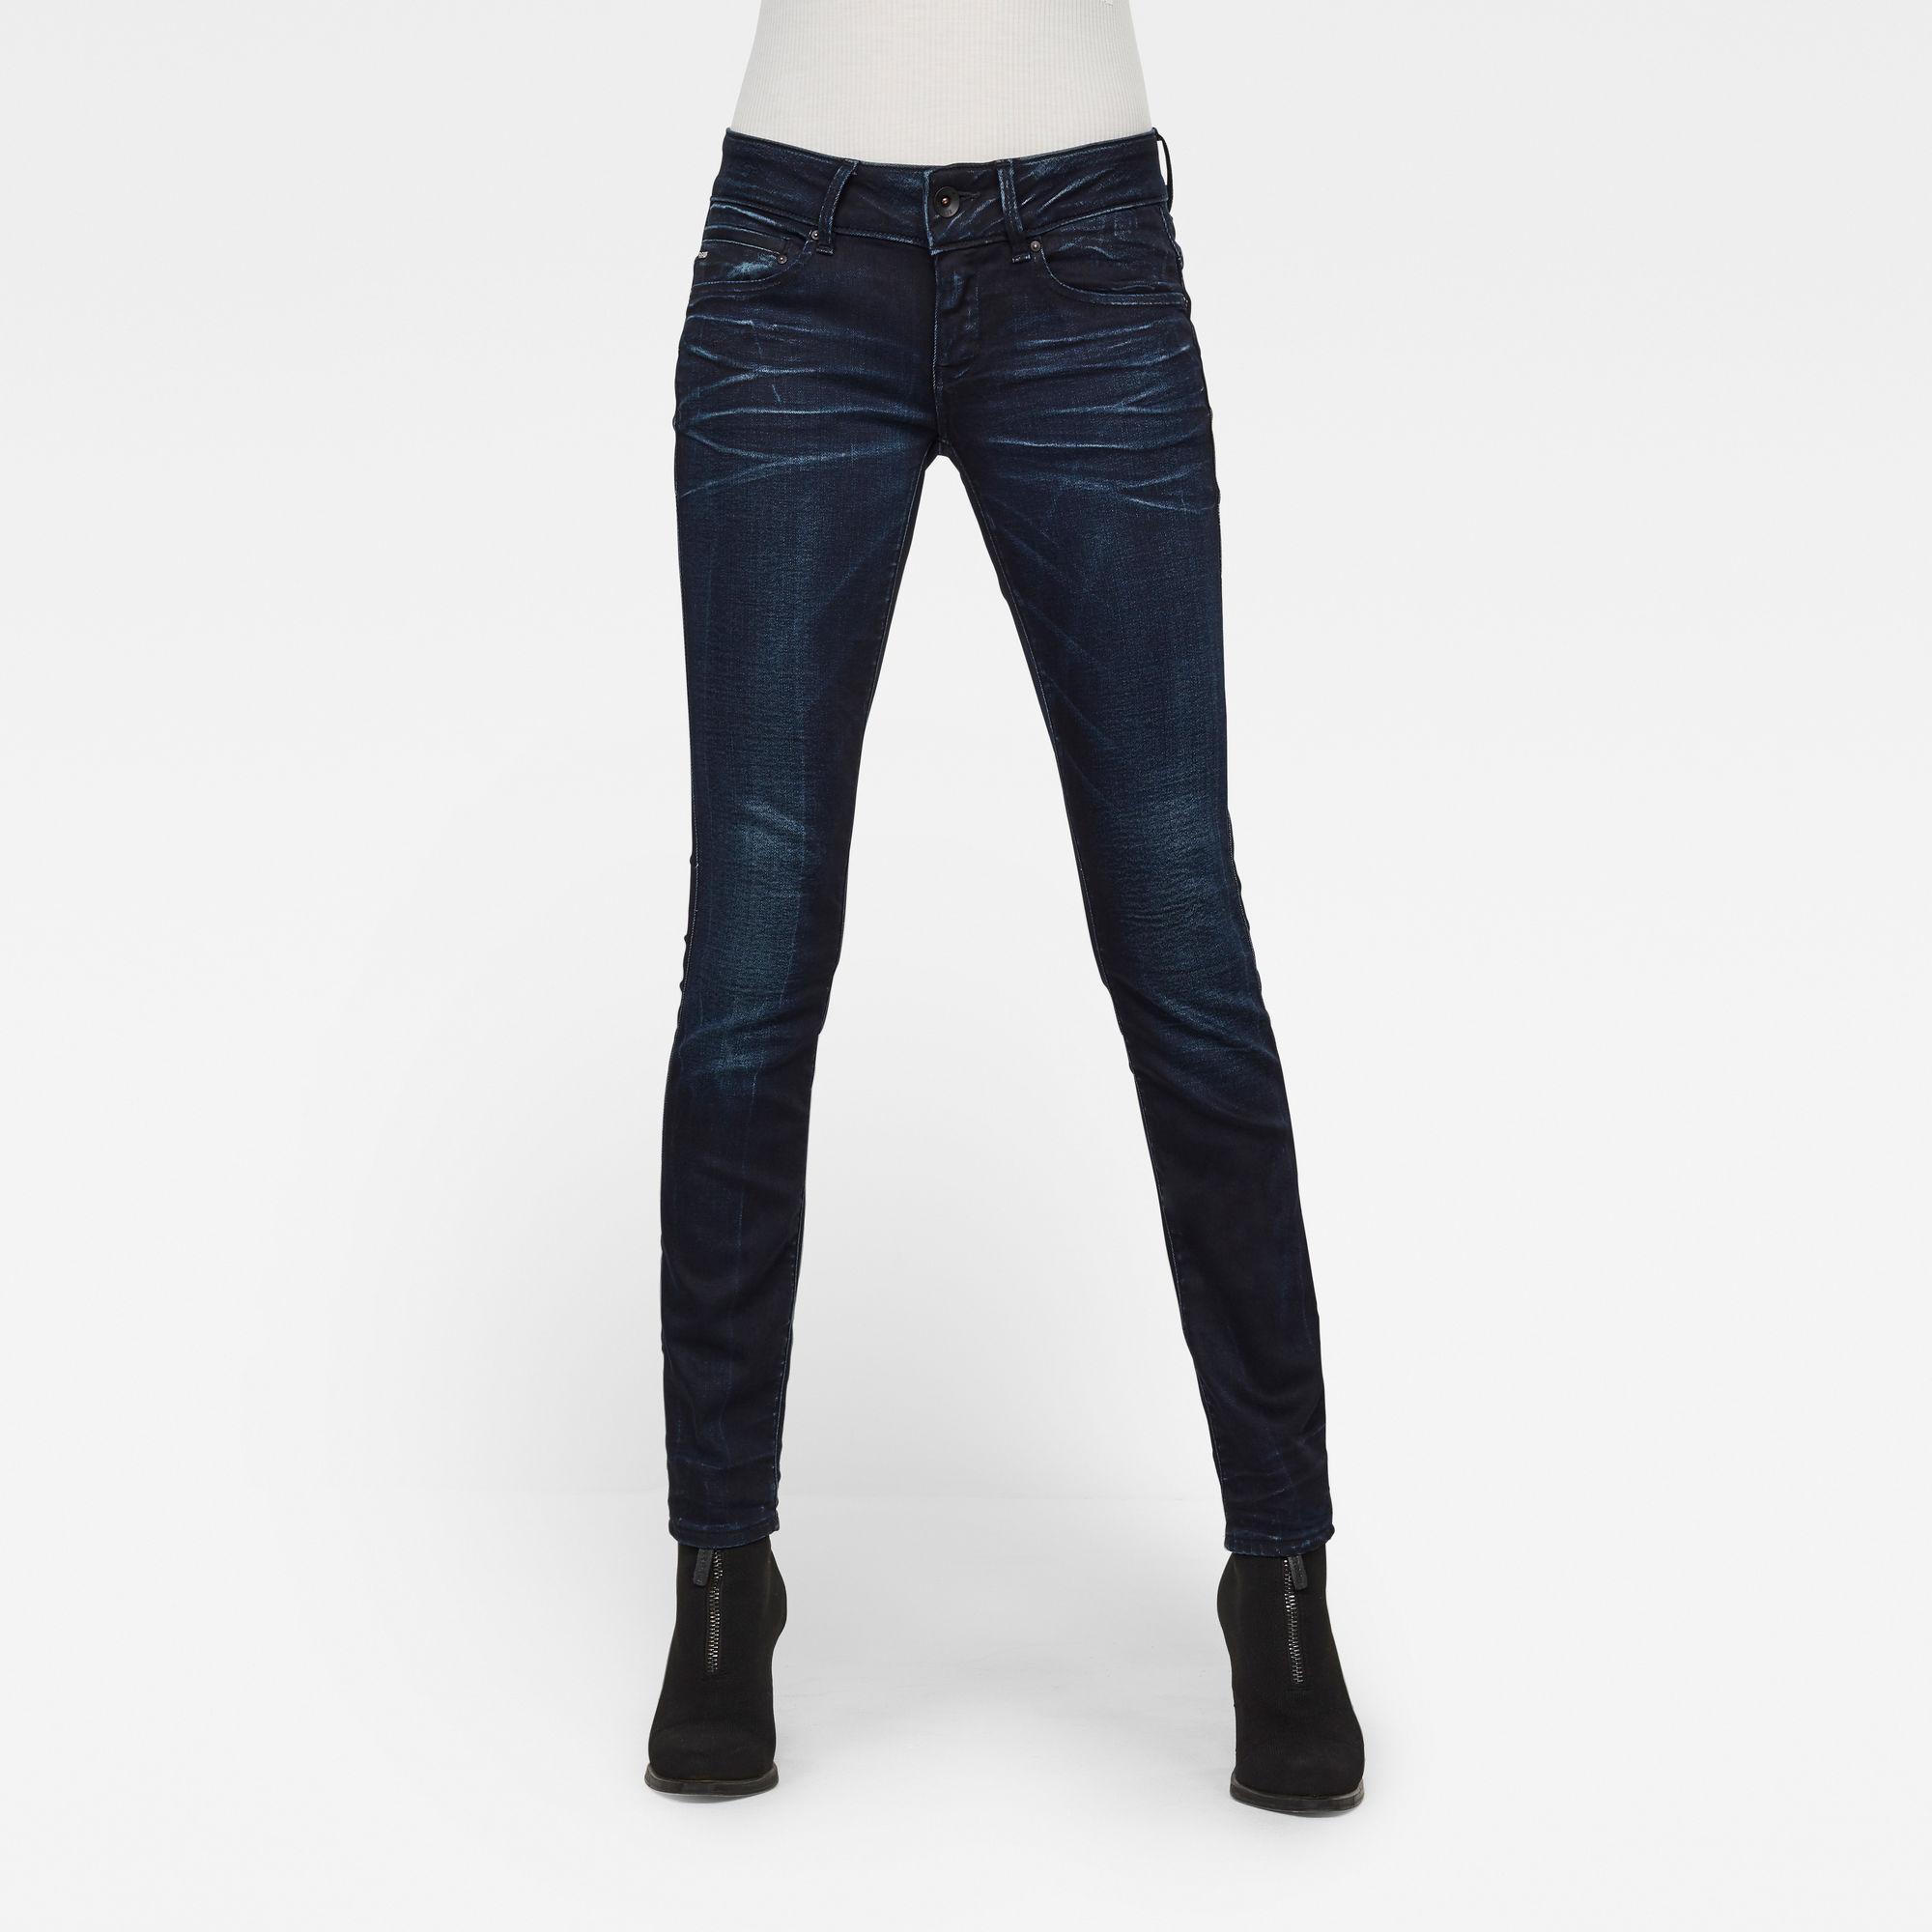 G-Star RAW Dames Midge Cody Mid Waist Skinny Jeans Donkerblauw